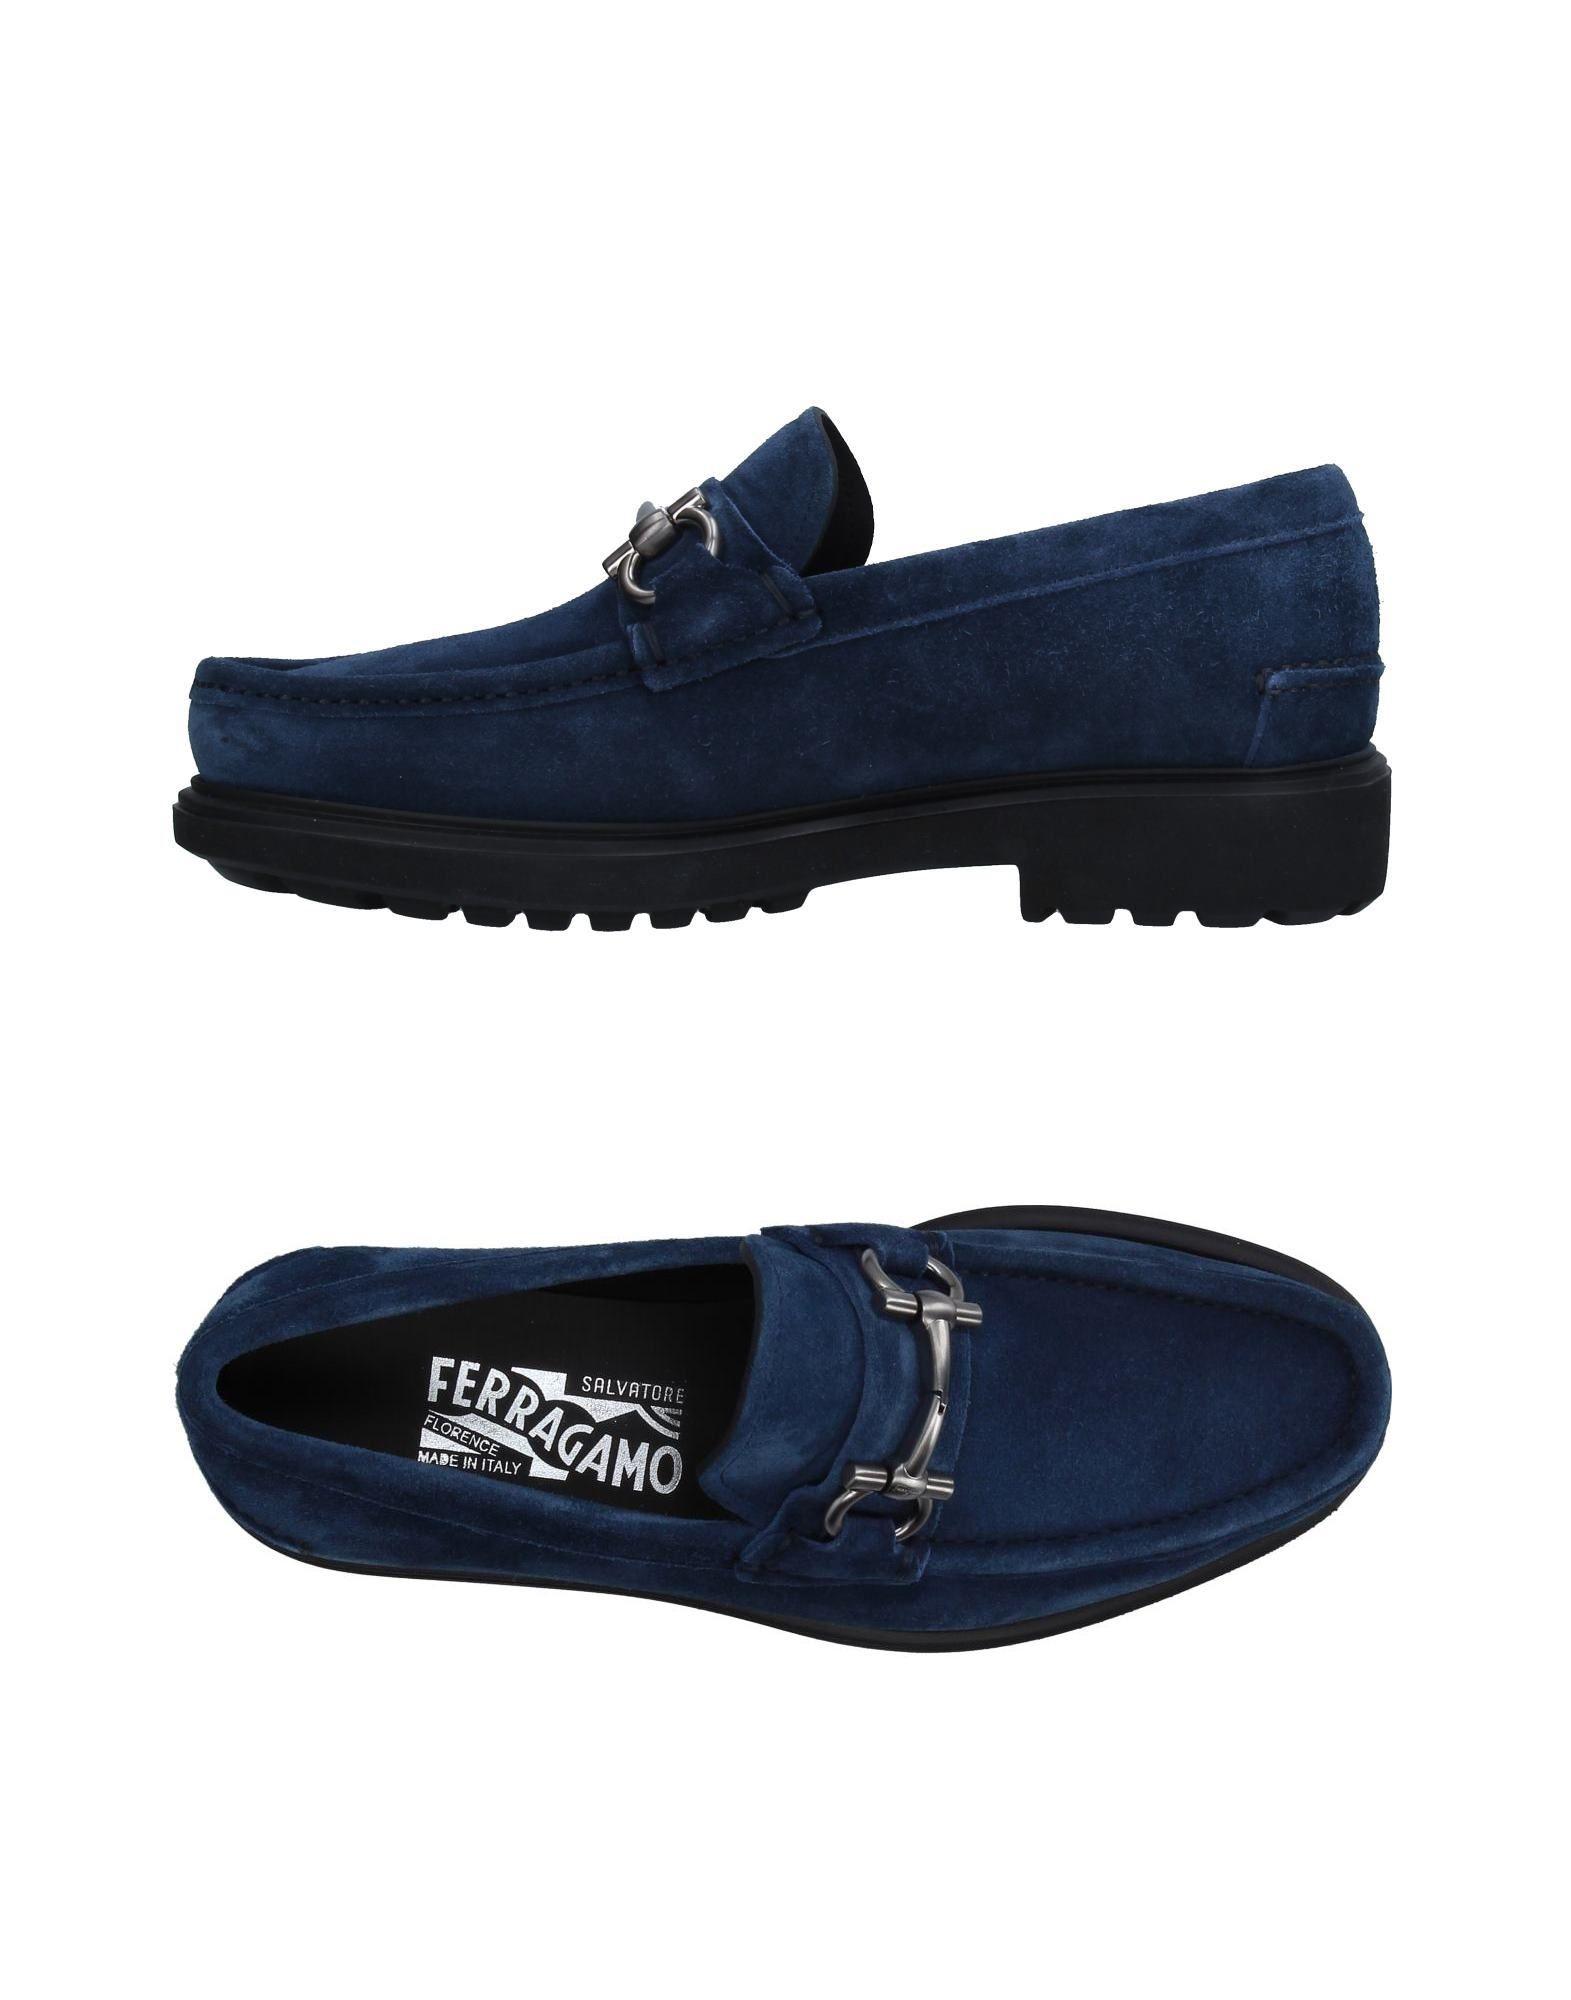 Salvatore Ferragamo Mokassins Herren  11234731QN Neue Schuhe